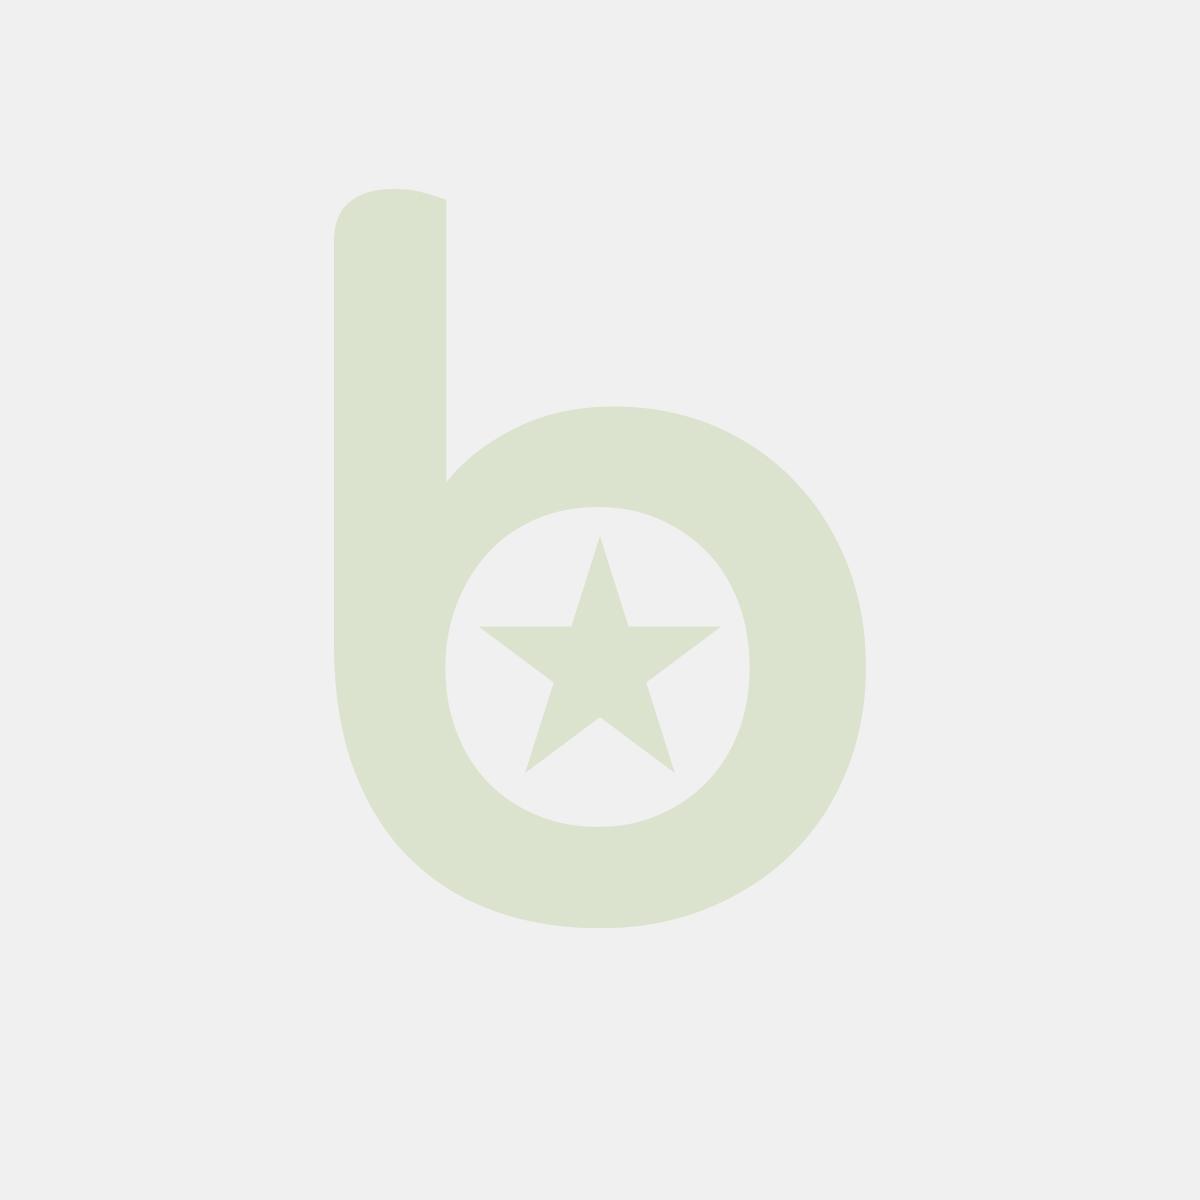 Akacja - stand bufetowy CUBO zestaw 3 szt.:13x13x13; 18x18x18; 23x23x23